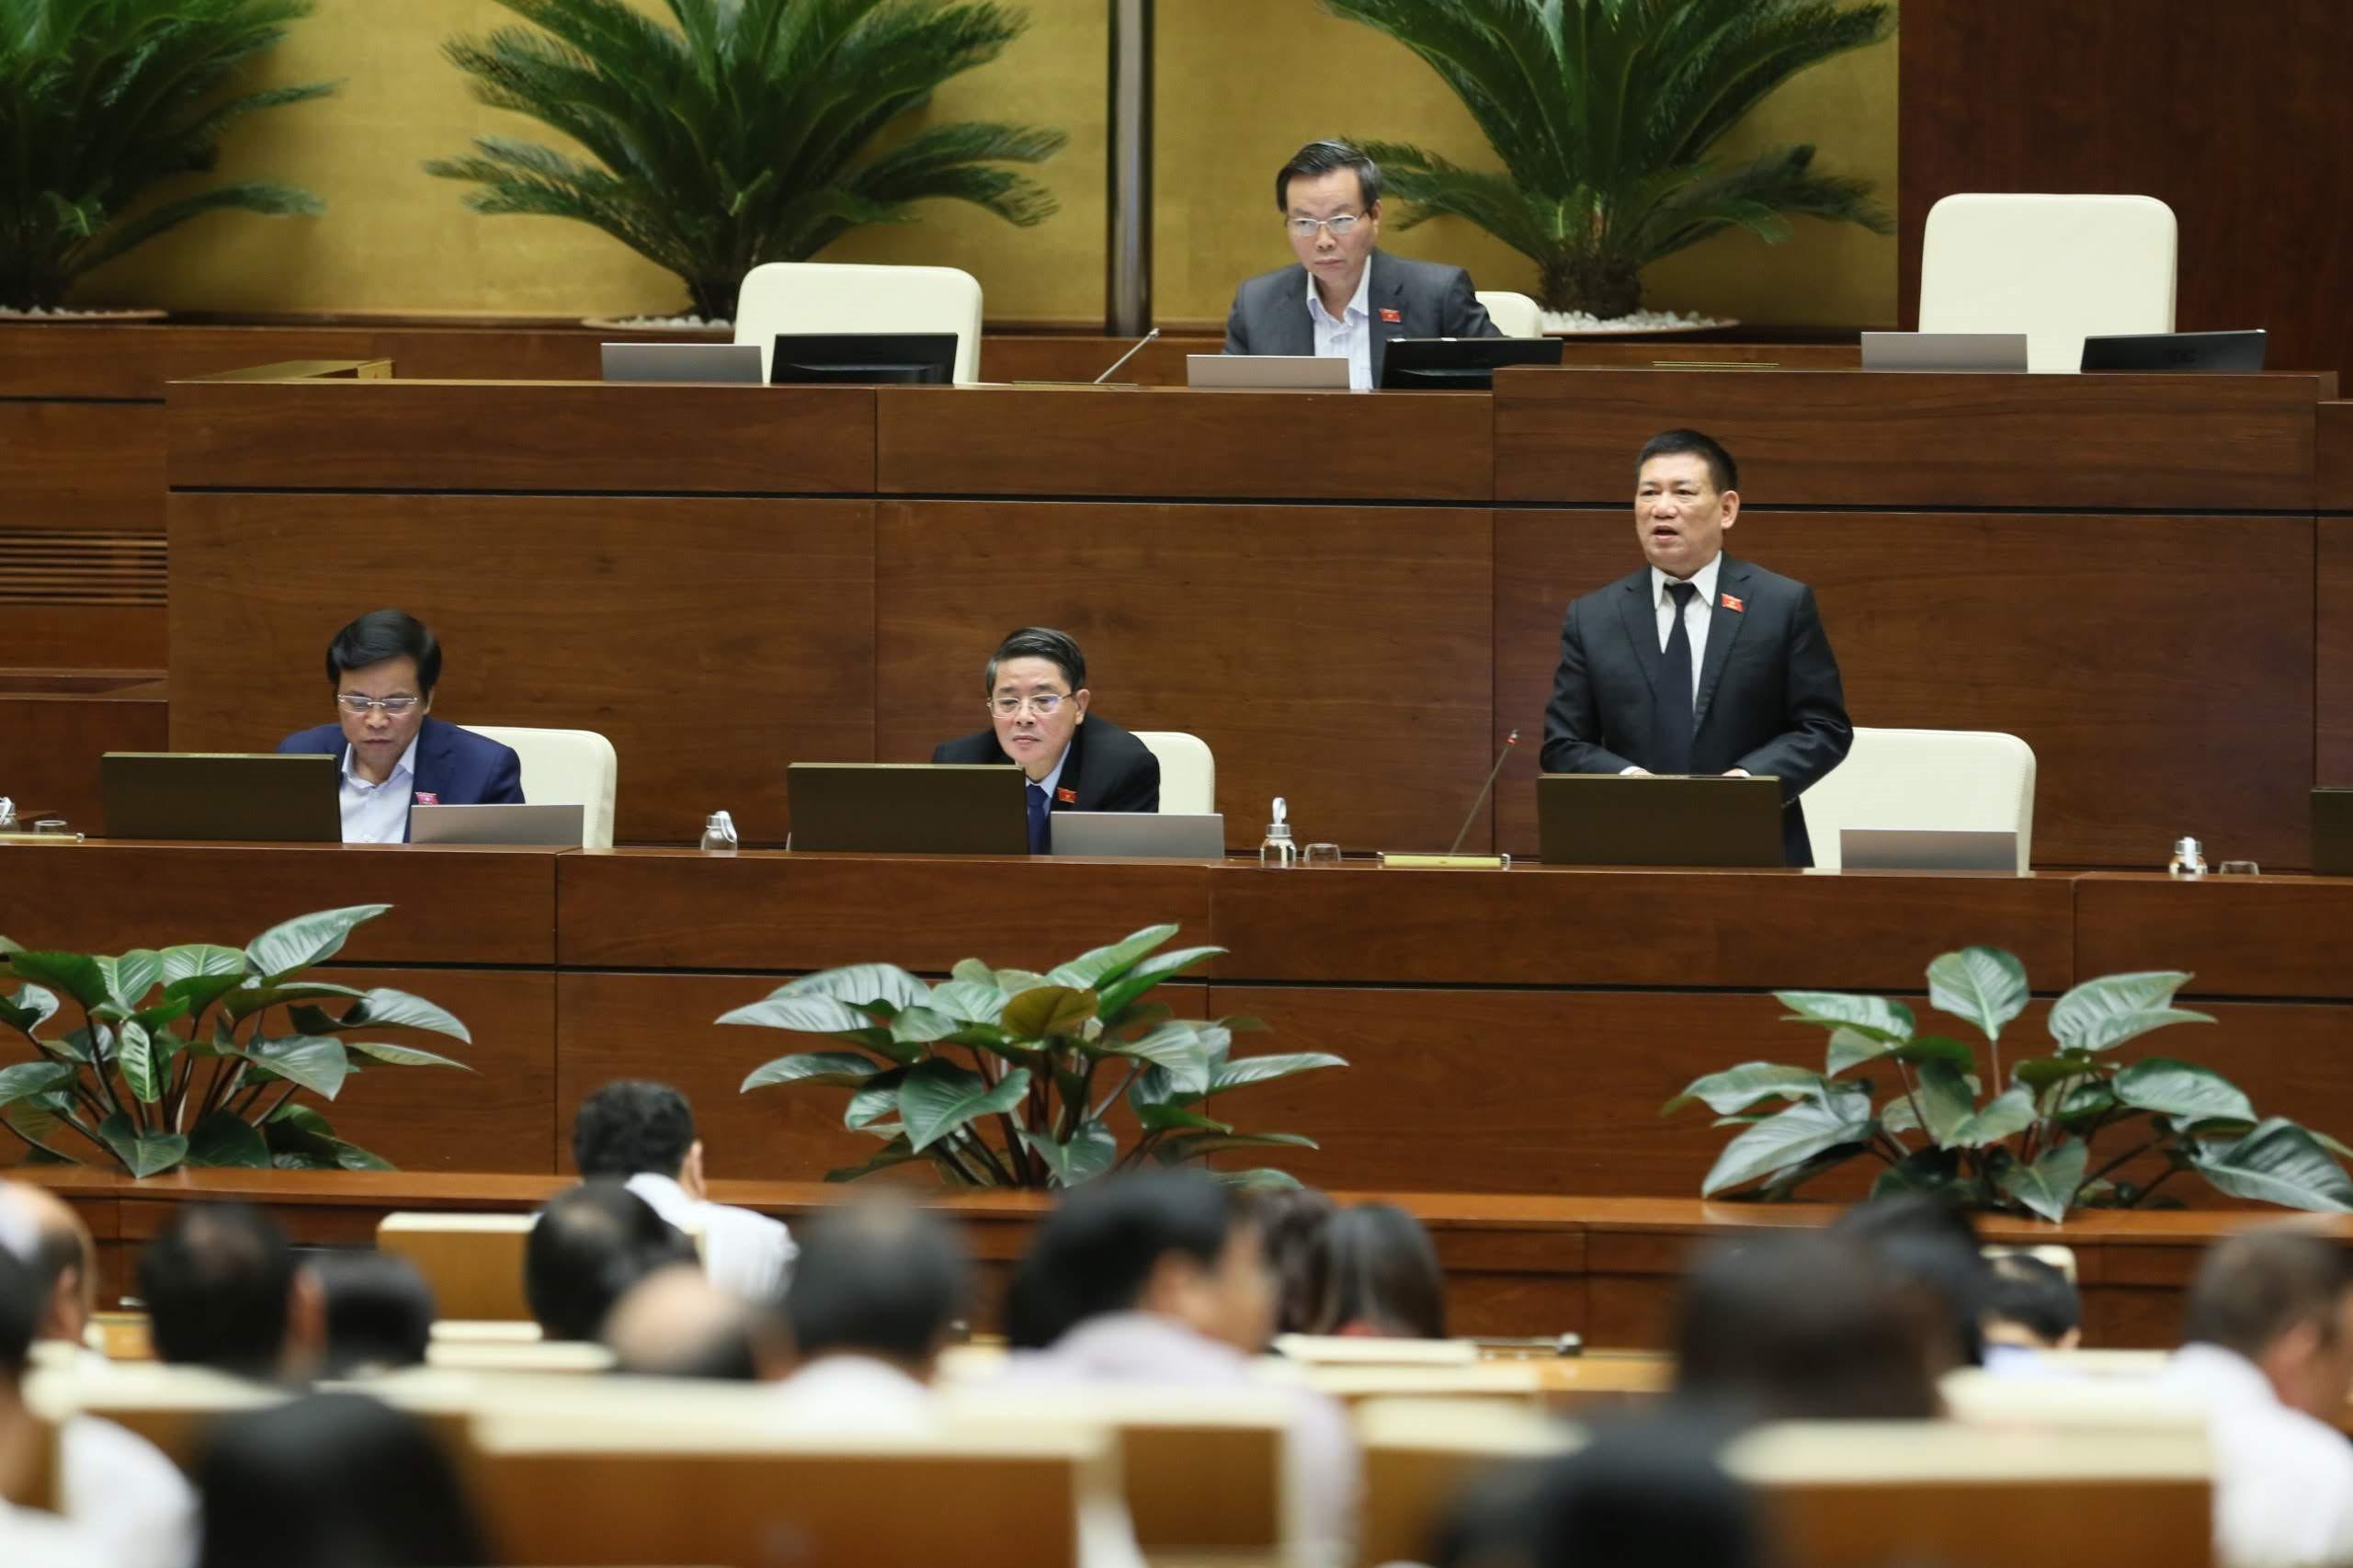 Tổng Kiểm toán Nhà nước Hồ Đức Phớc: Tiếp thu tối đa các ý kiến đóng góp của đại biểu Quốc hội